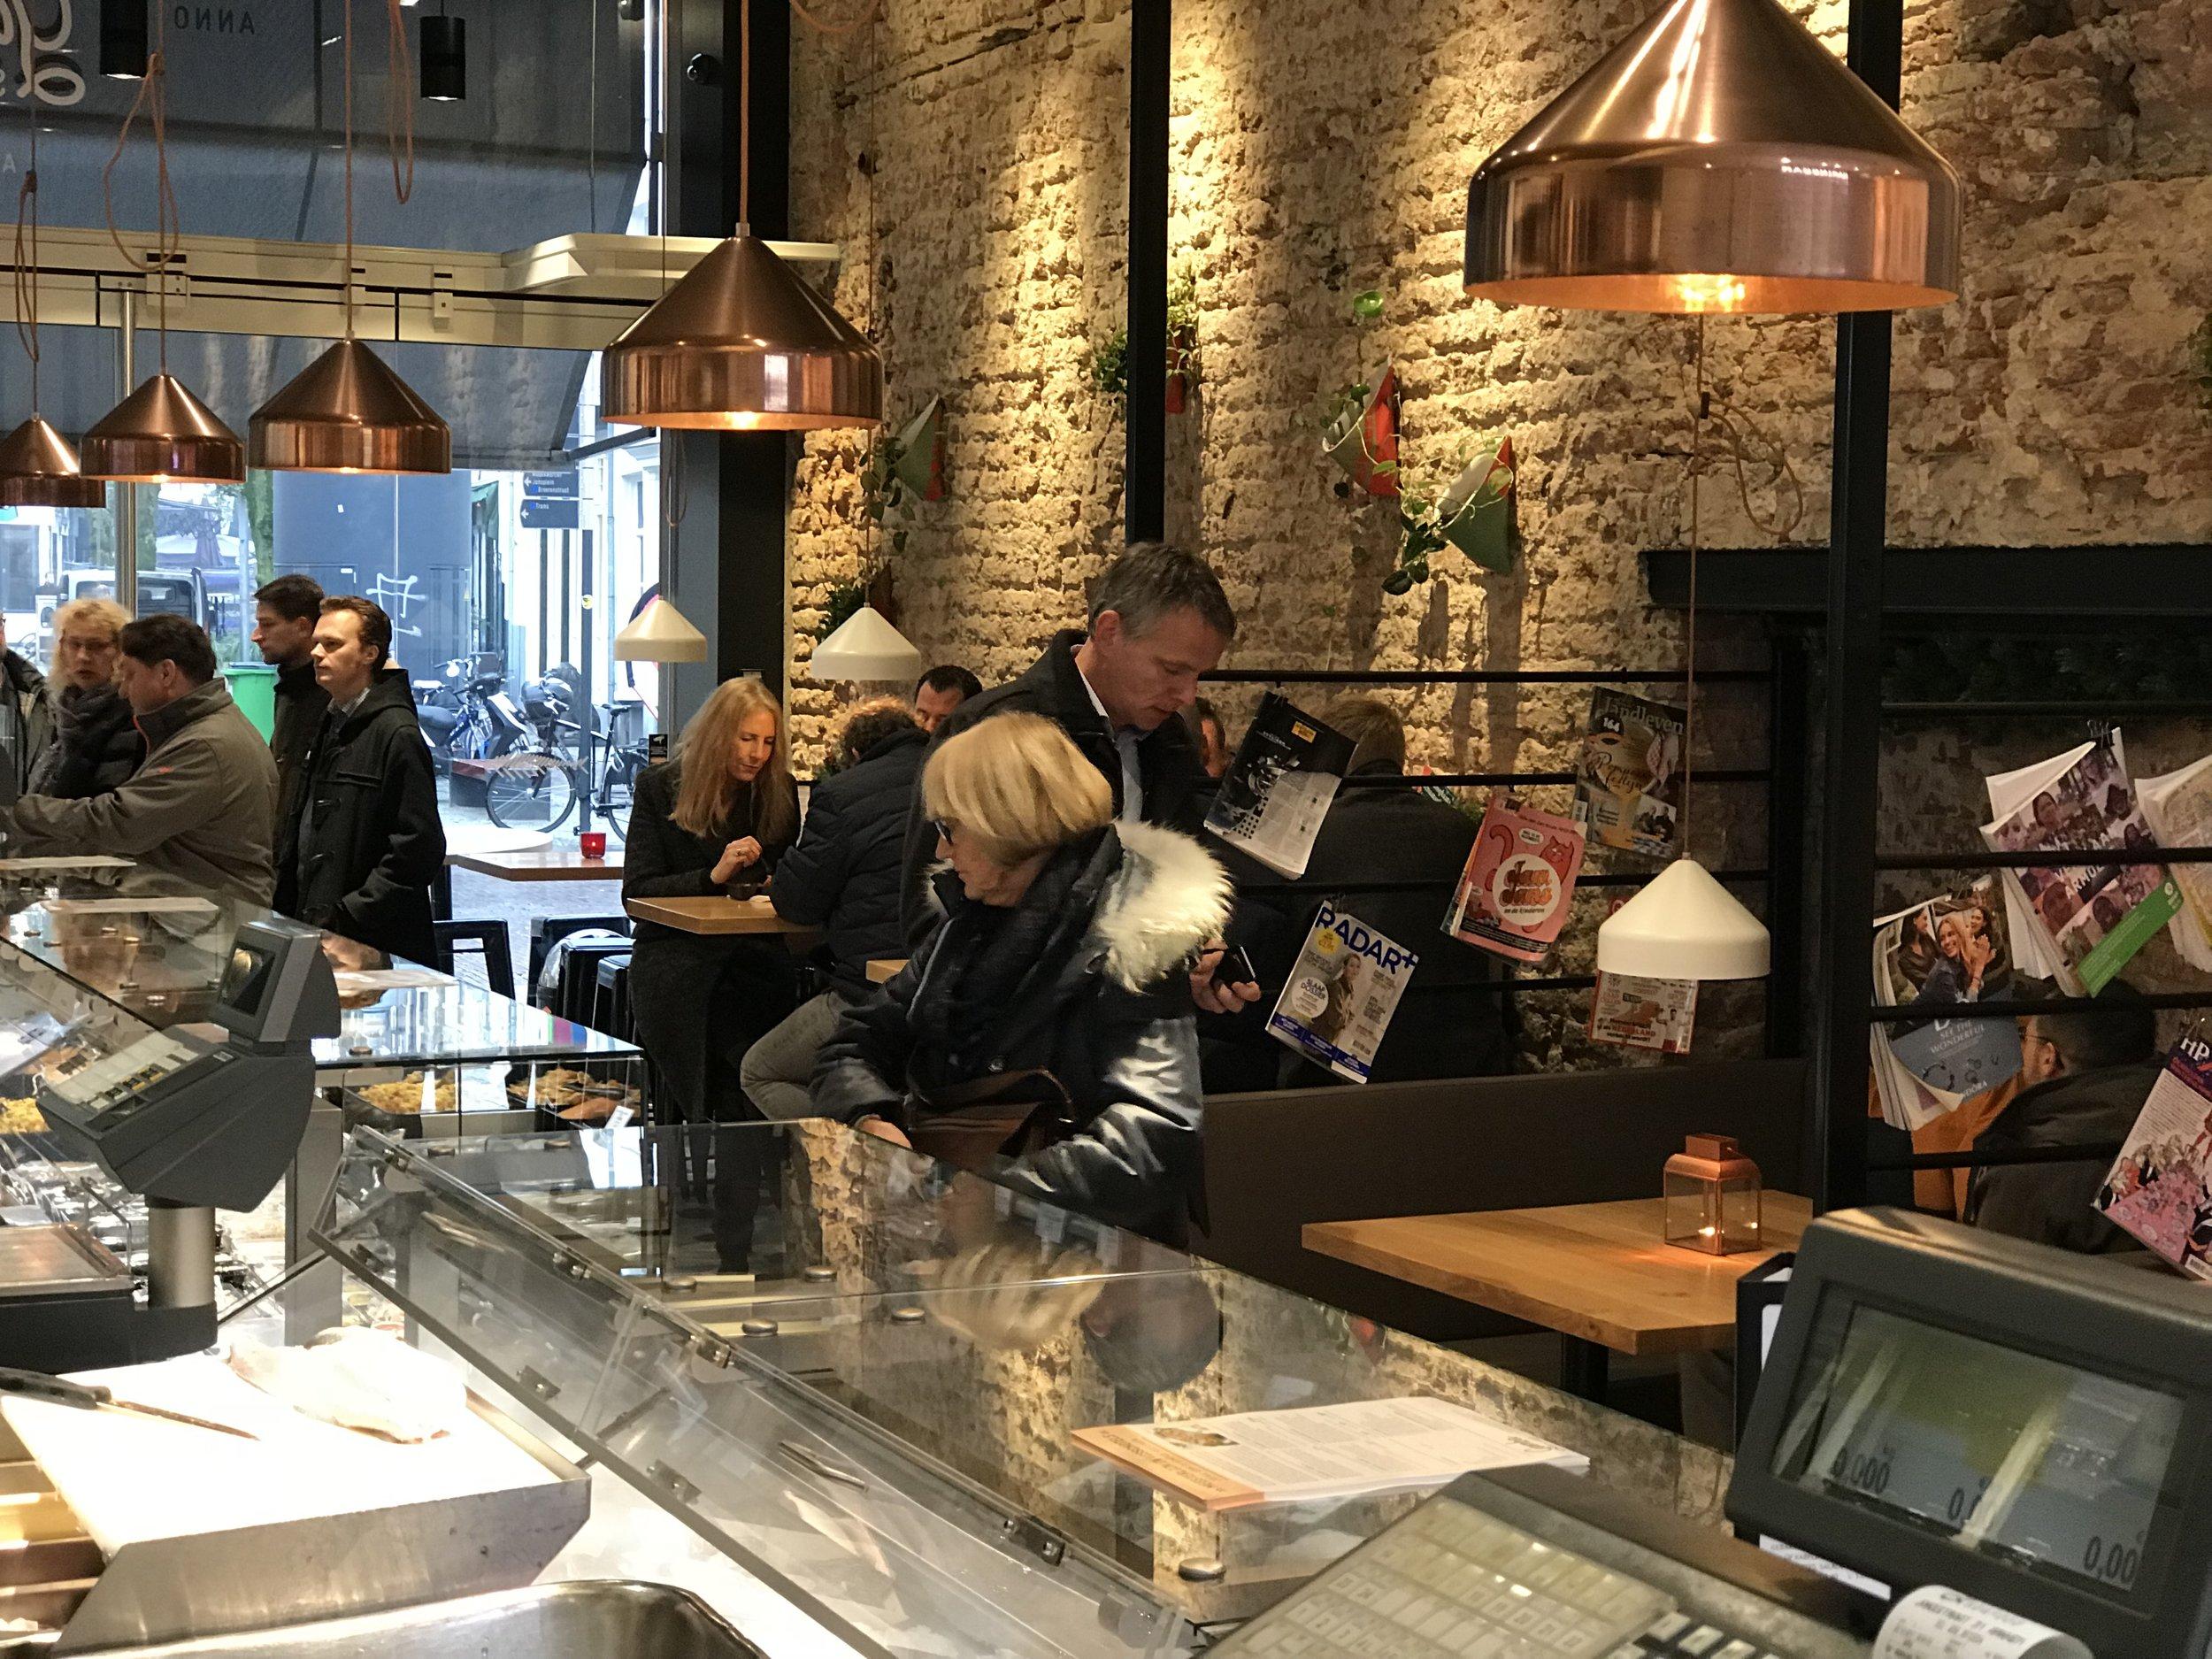 Gamba Seafood - In 1981 werd Gamba Visspecialiteiten in Arnhem gestart. Mooie producten verkopen is altijd het streven geweest van de oprichters, vader Henk Motshagen en zoon Rien. Optimale aandacht bij de inkoop en verwerking moet ertoe leiden dat de klant geniet van vis.www.gamba.nl